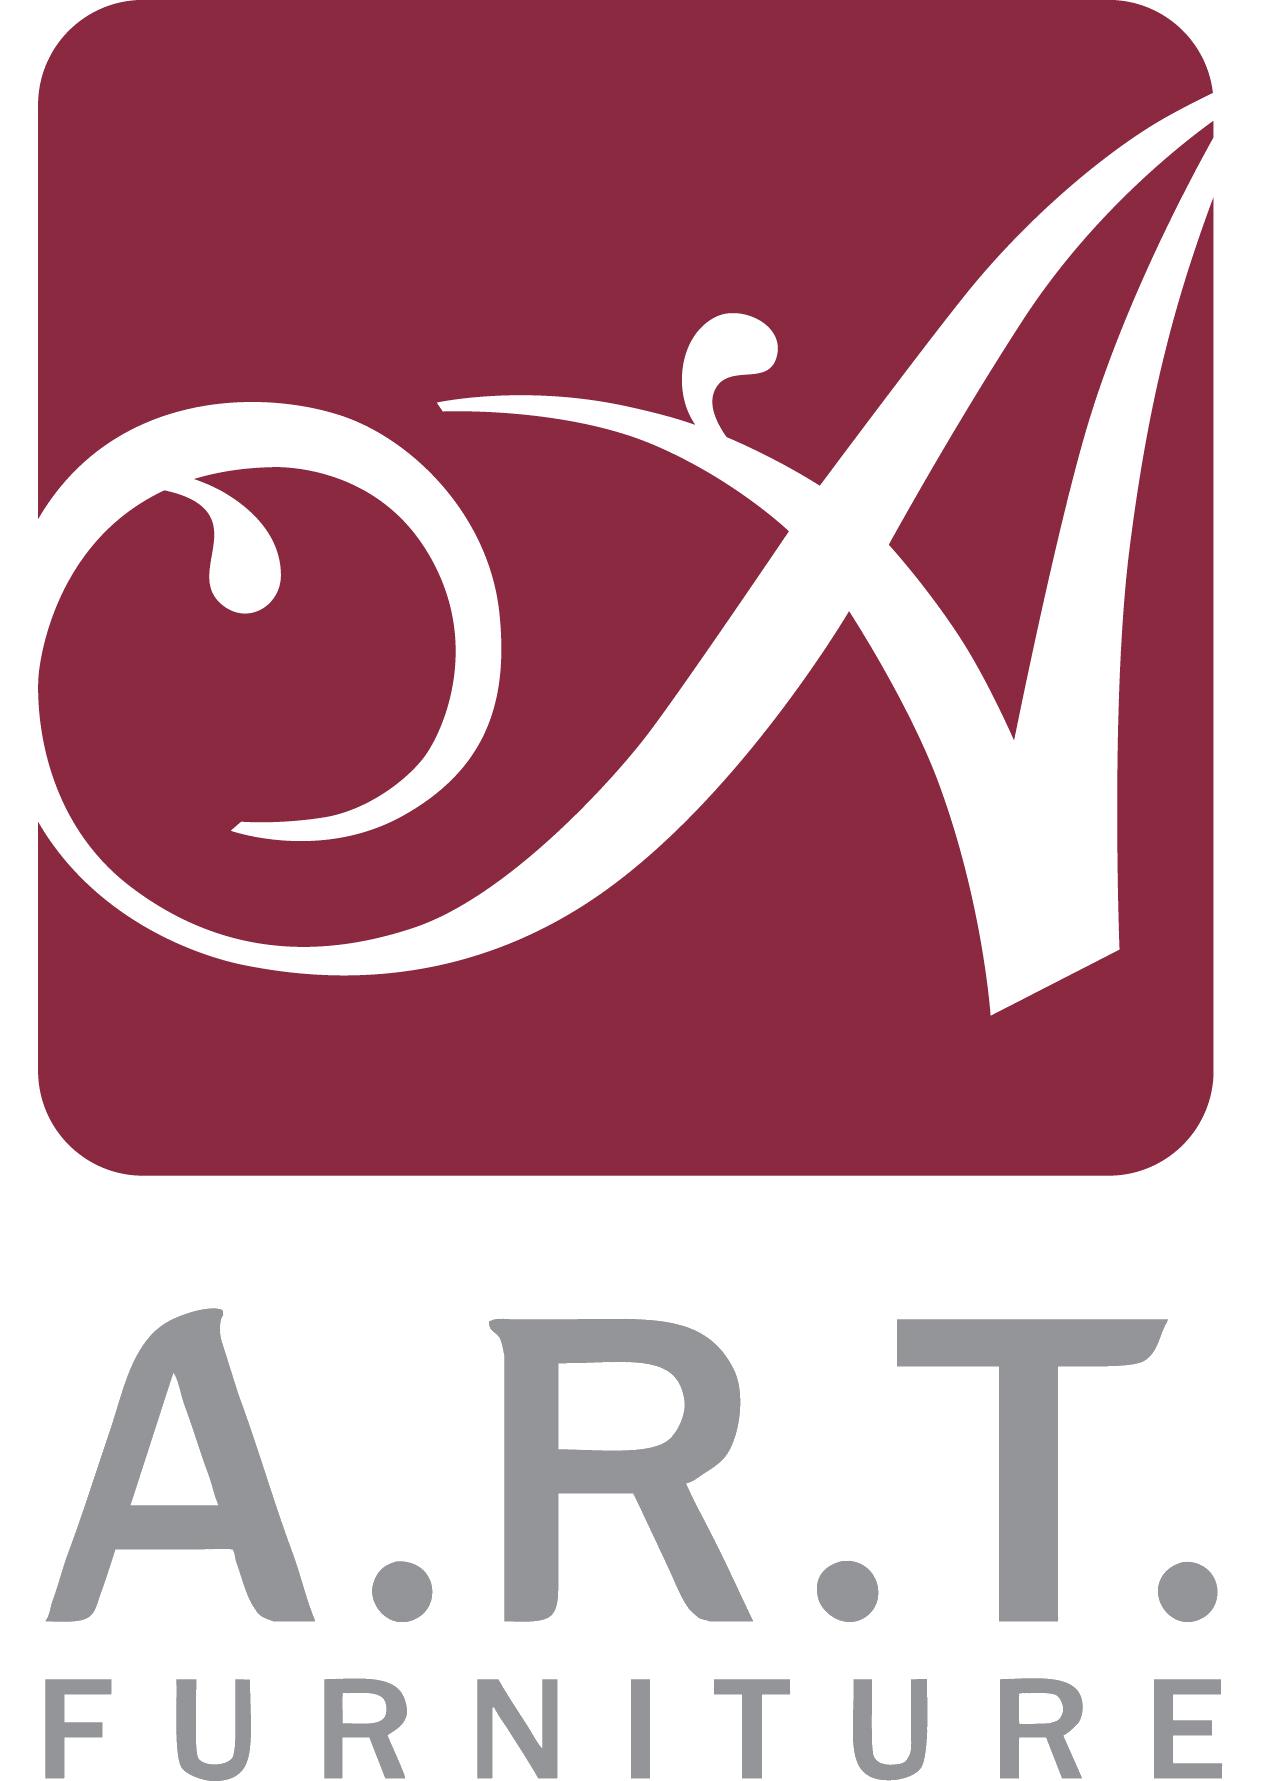 Furniture clipart furniture logo. Shop all brands art